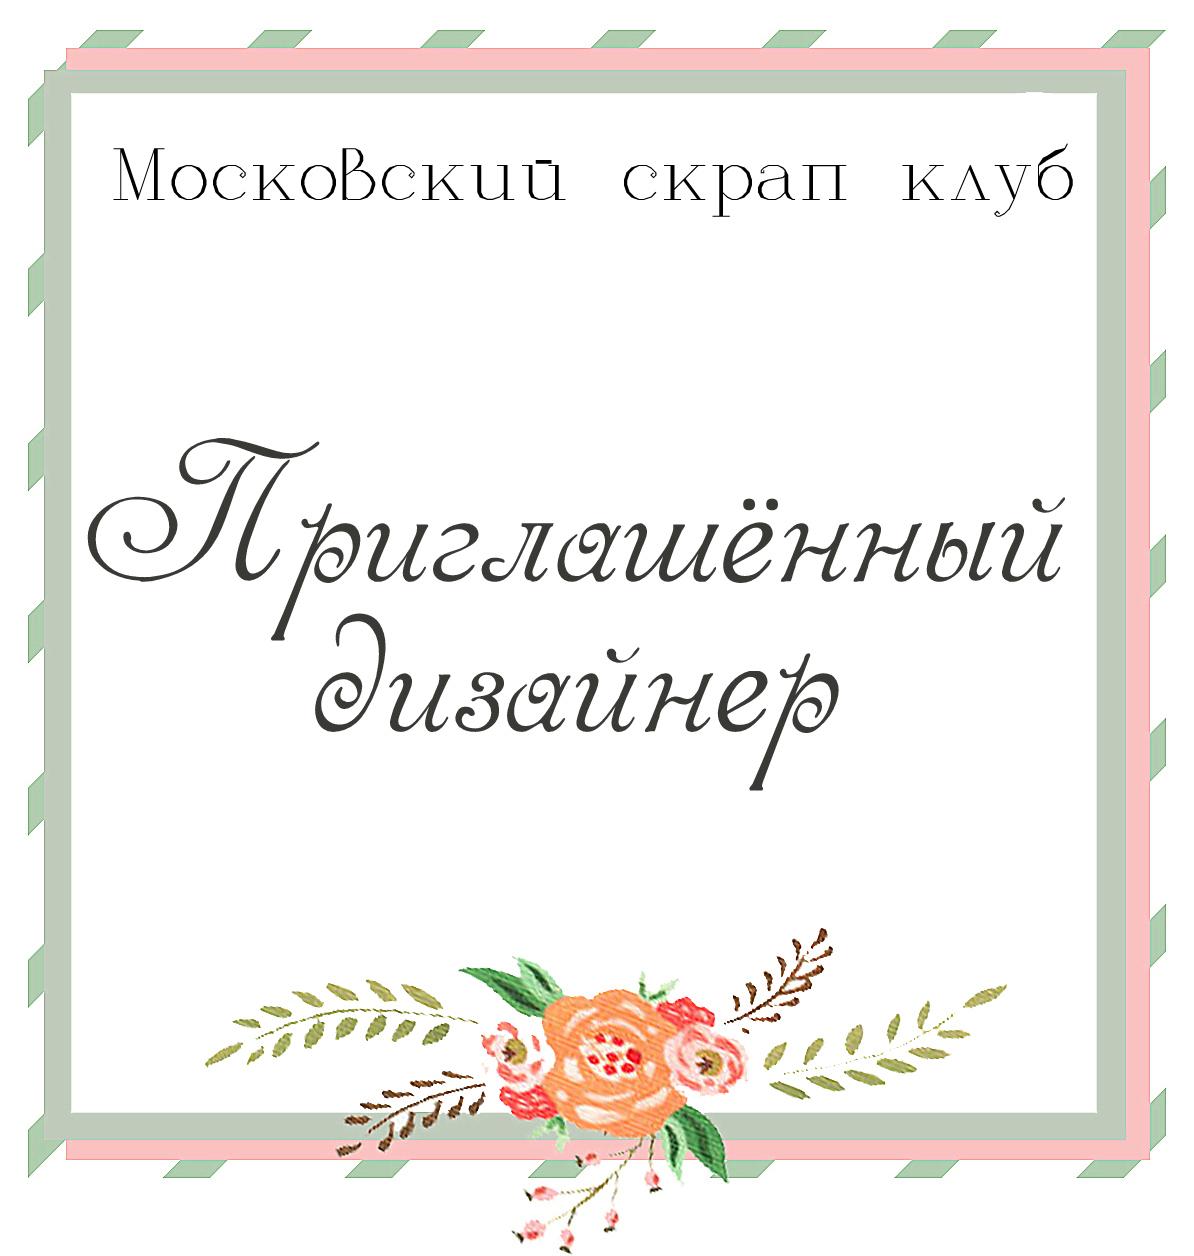 ПД в МСК (скетч)